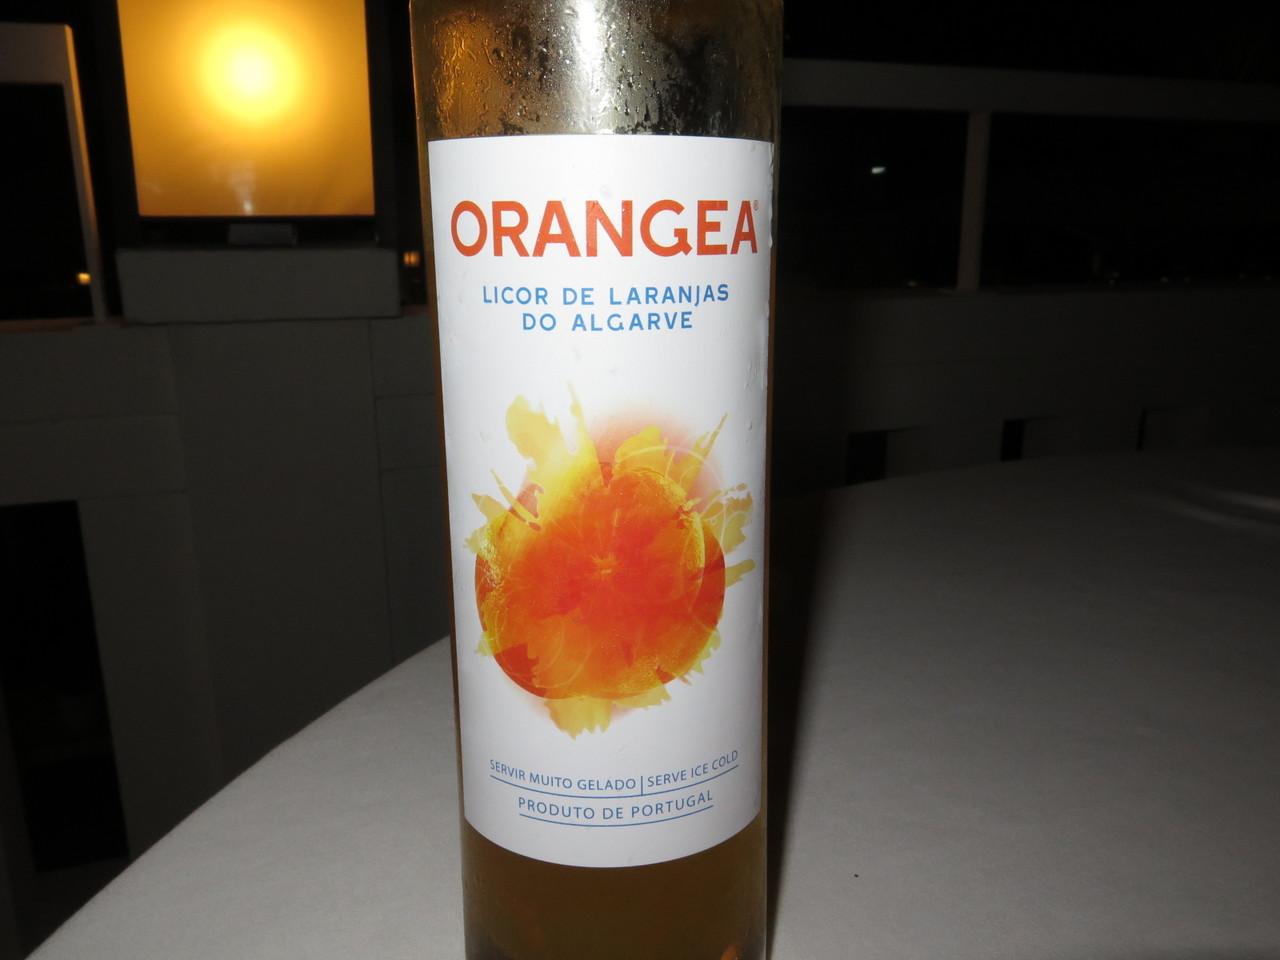 Orangea, licor de laranjas do Algarve